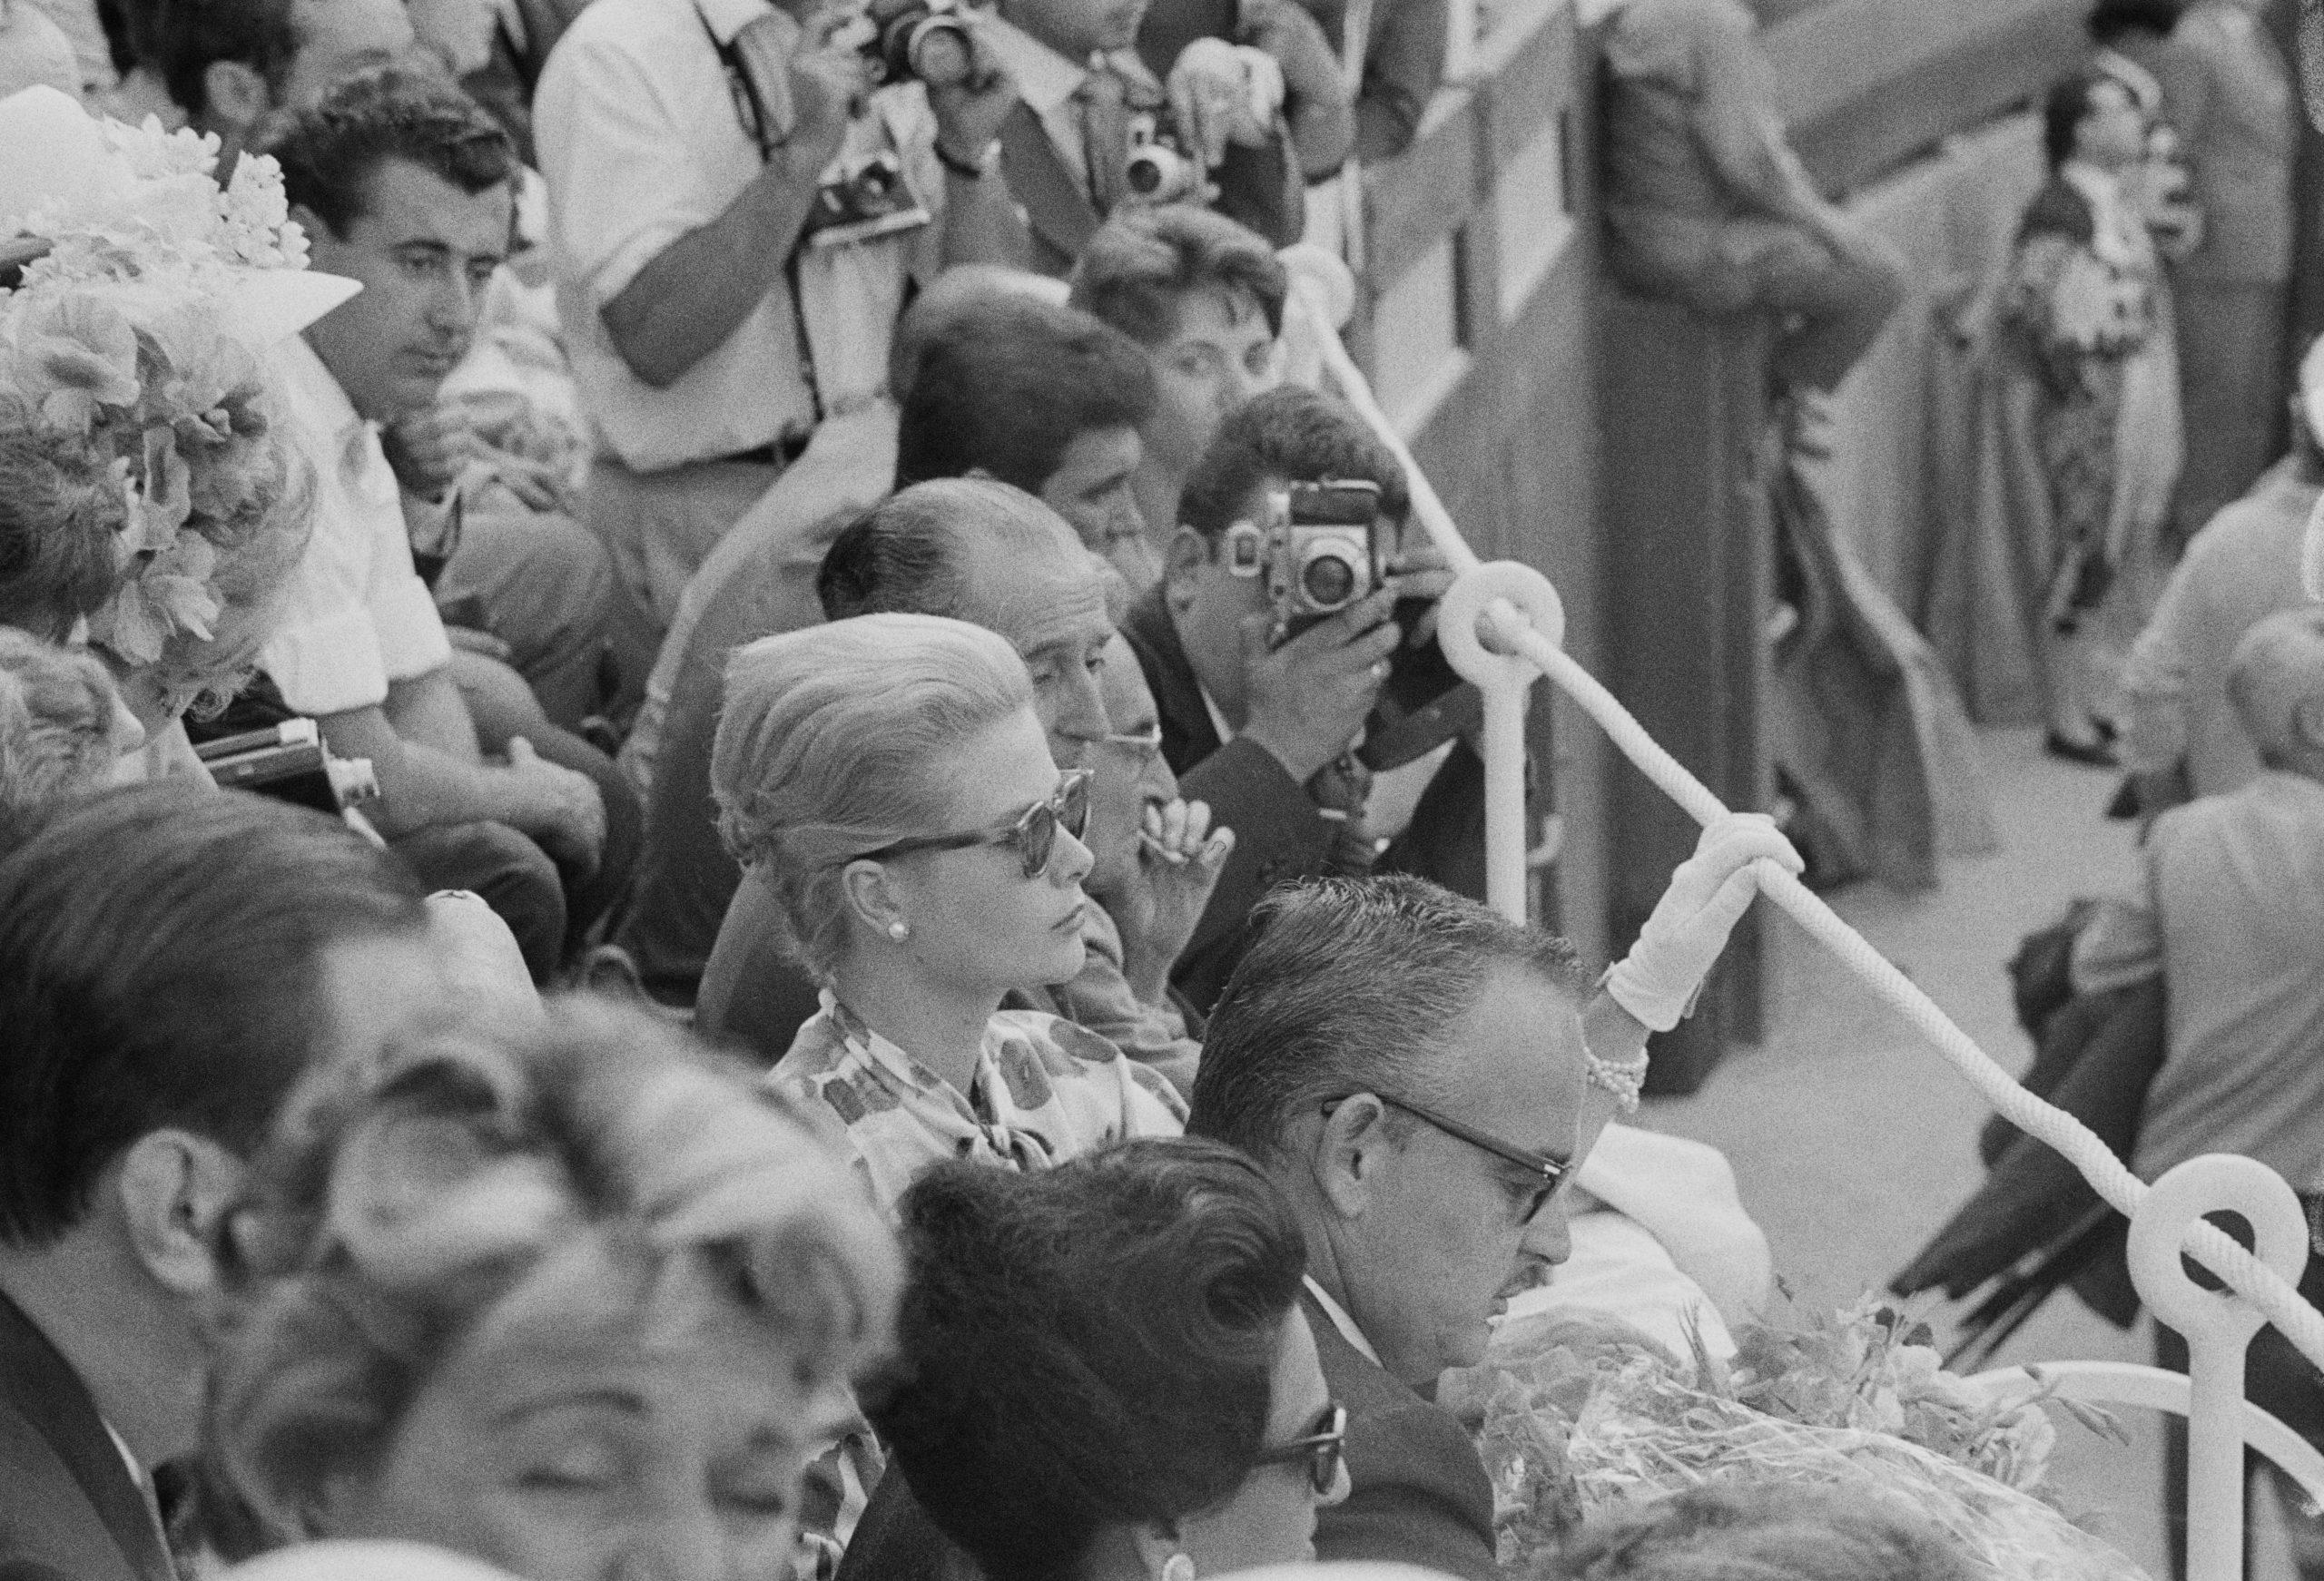 La Princesa Grace Kelly y el Príncipe Rainiero en Mallorca en 1961 / Foto: Getty Images